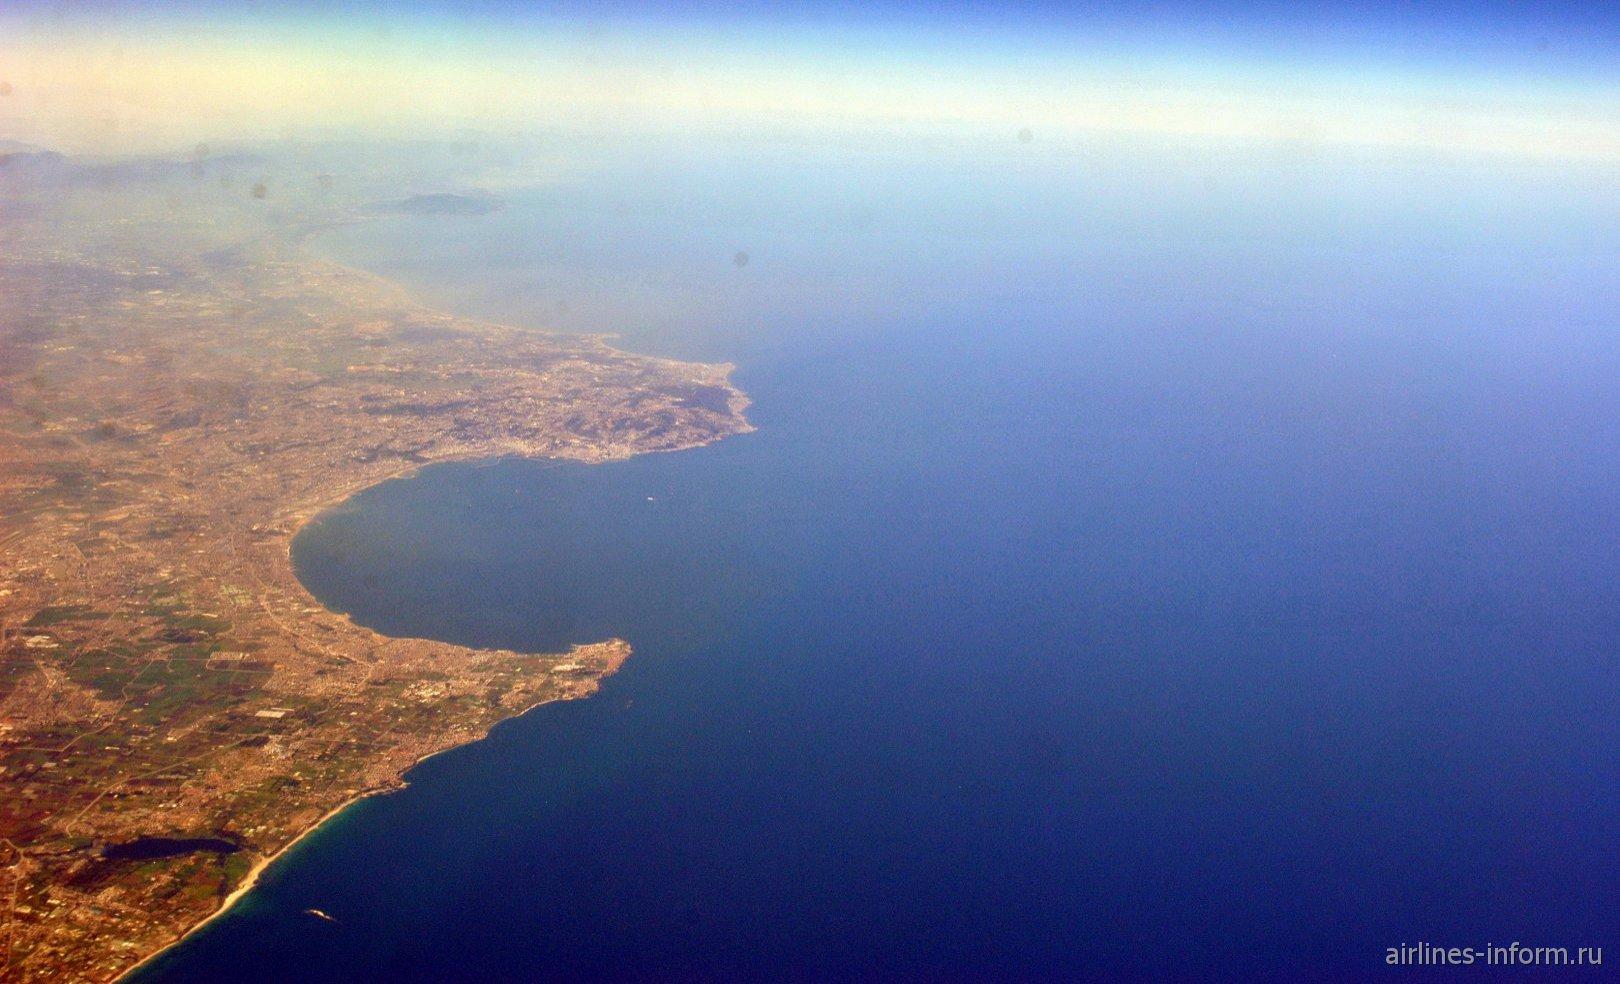 Алжирская бухта на средиземноморском побережье Африки